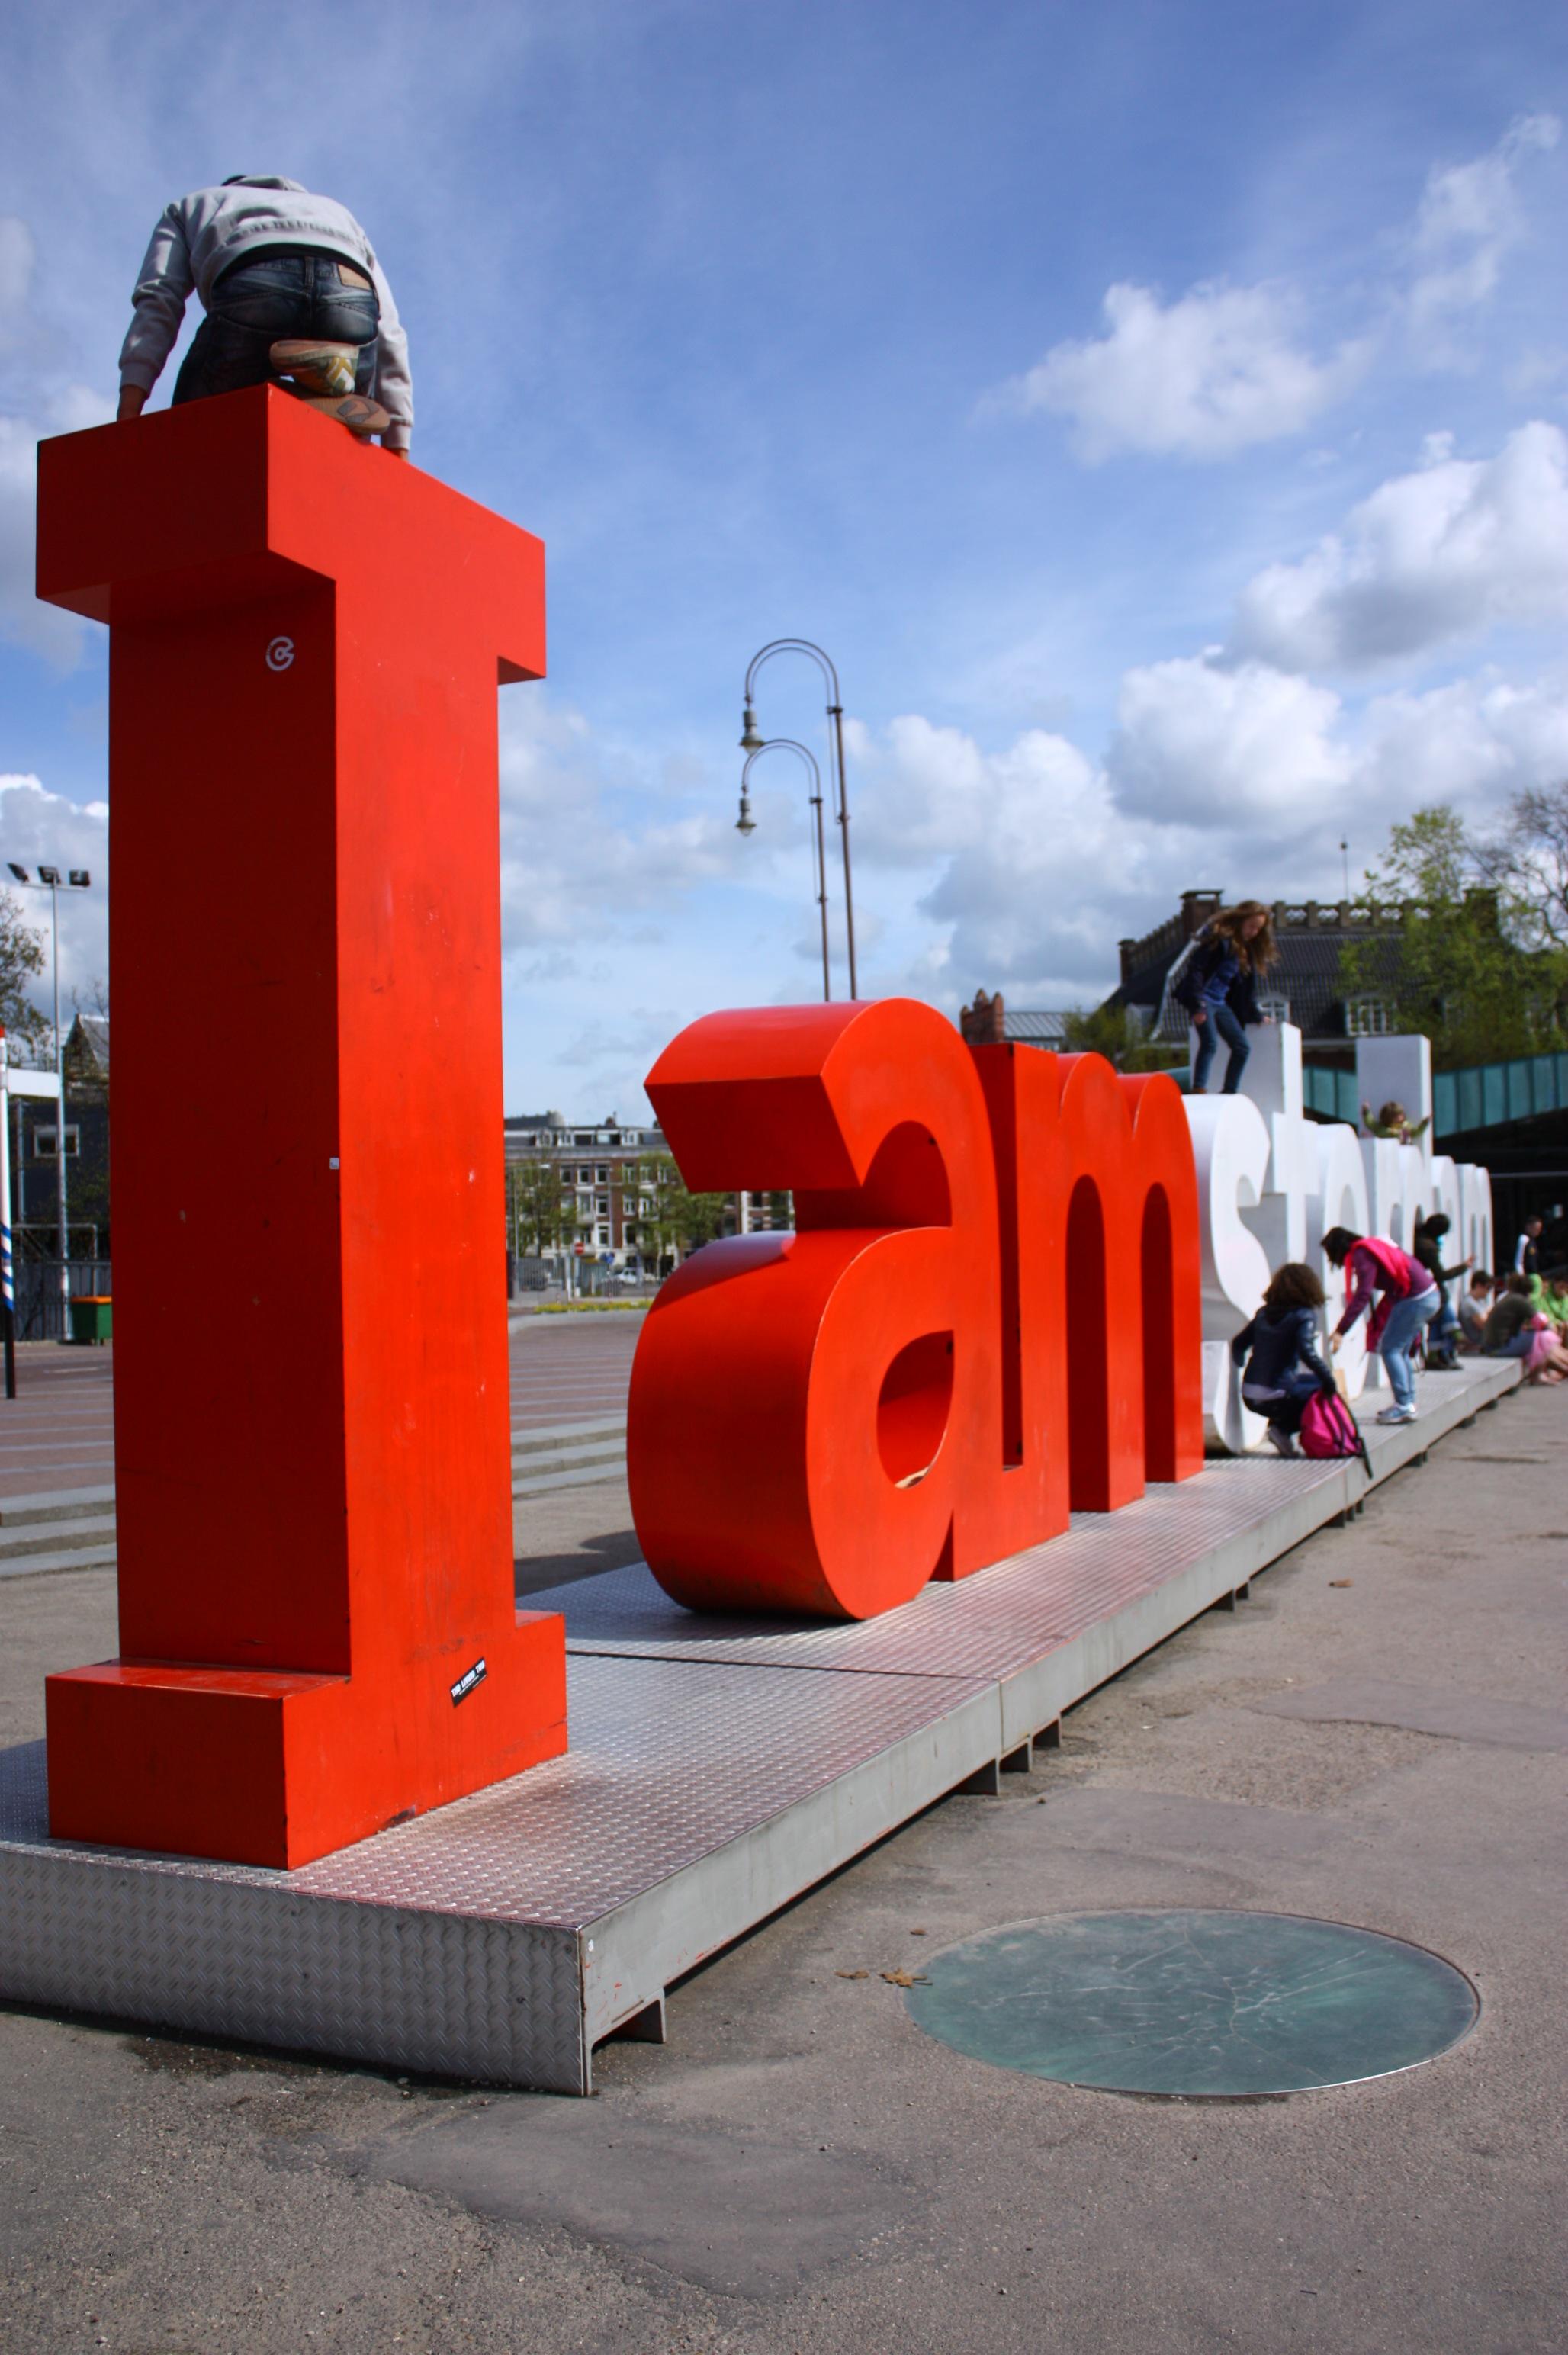 Το διάσημο I amsterdam! Σε προκαλώ να ανέβεις πάνω στα γράμματα!